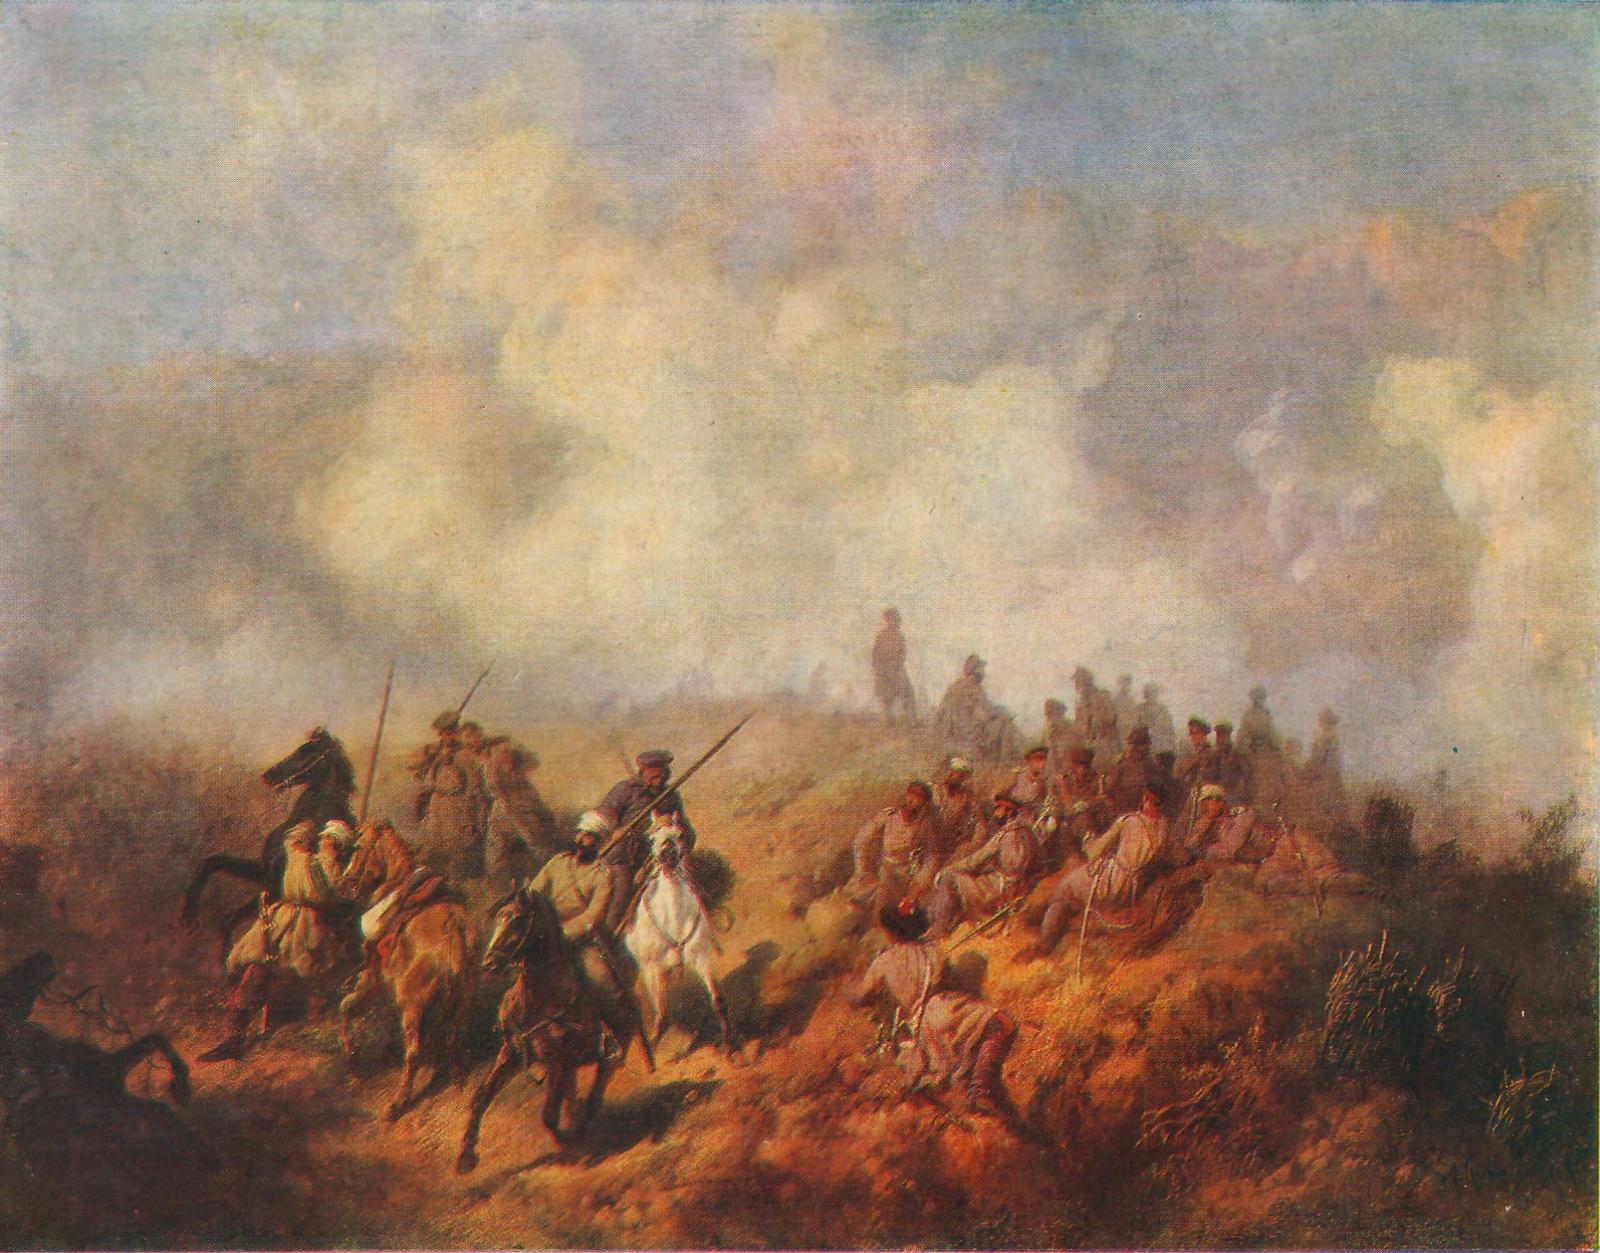 Обои Сражение у Шипки-Шейново 28 декабря 1877 года, холст, Сражение при Шейново, масло., Русско-турецкая война (1877—1878), Алексей КИВШЕНКО. Разное foto 7